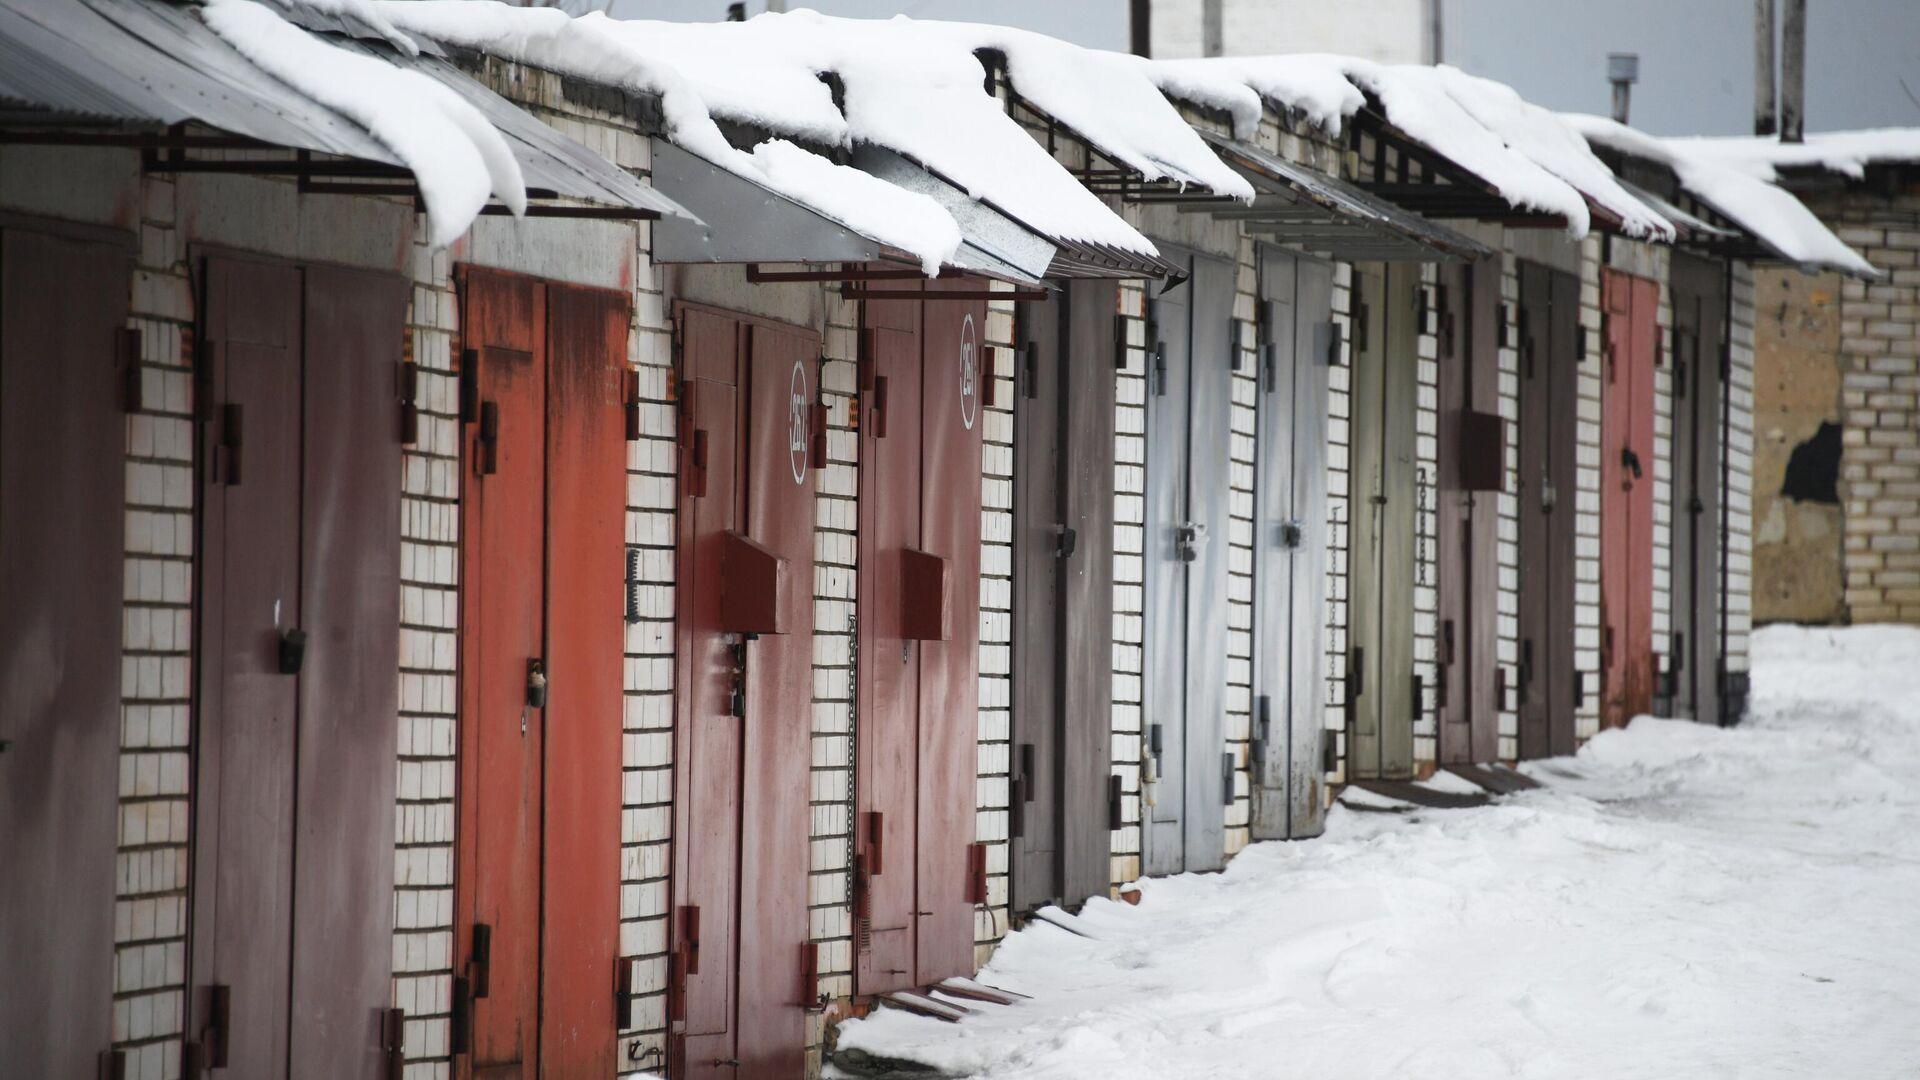 Частные гаражи в Москве - РИА Новости, 1920, 01.02.2021